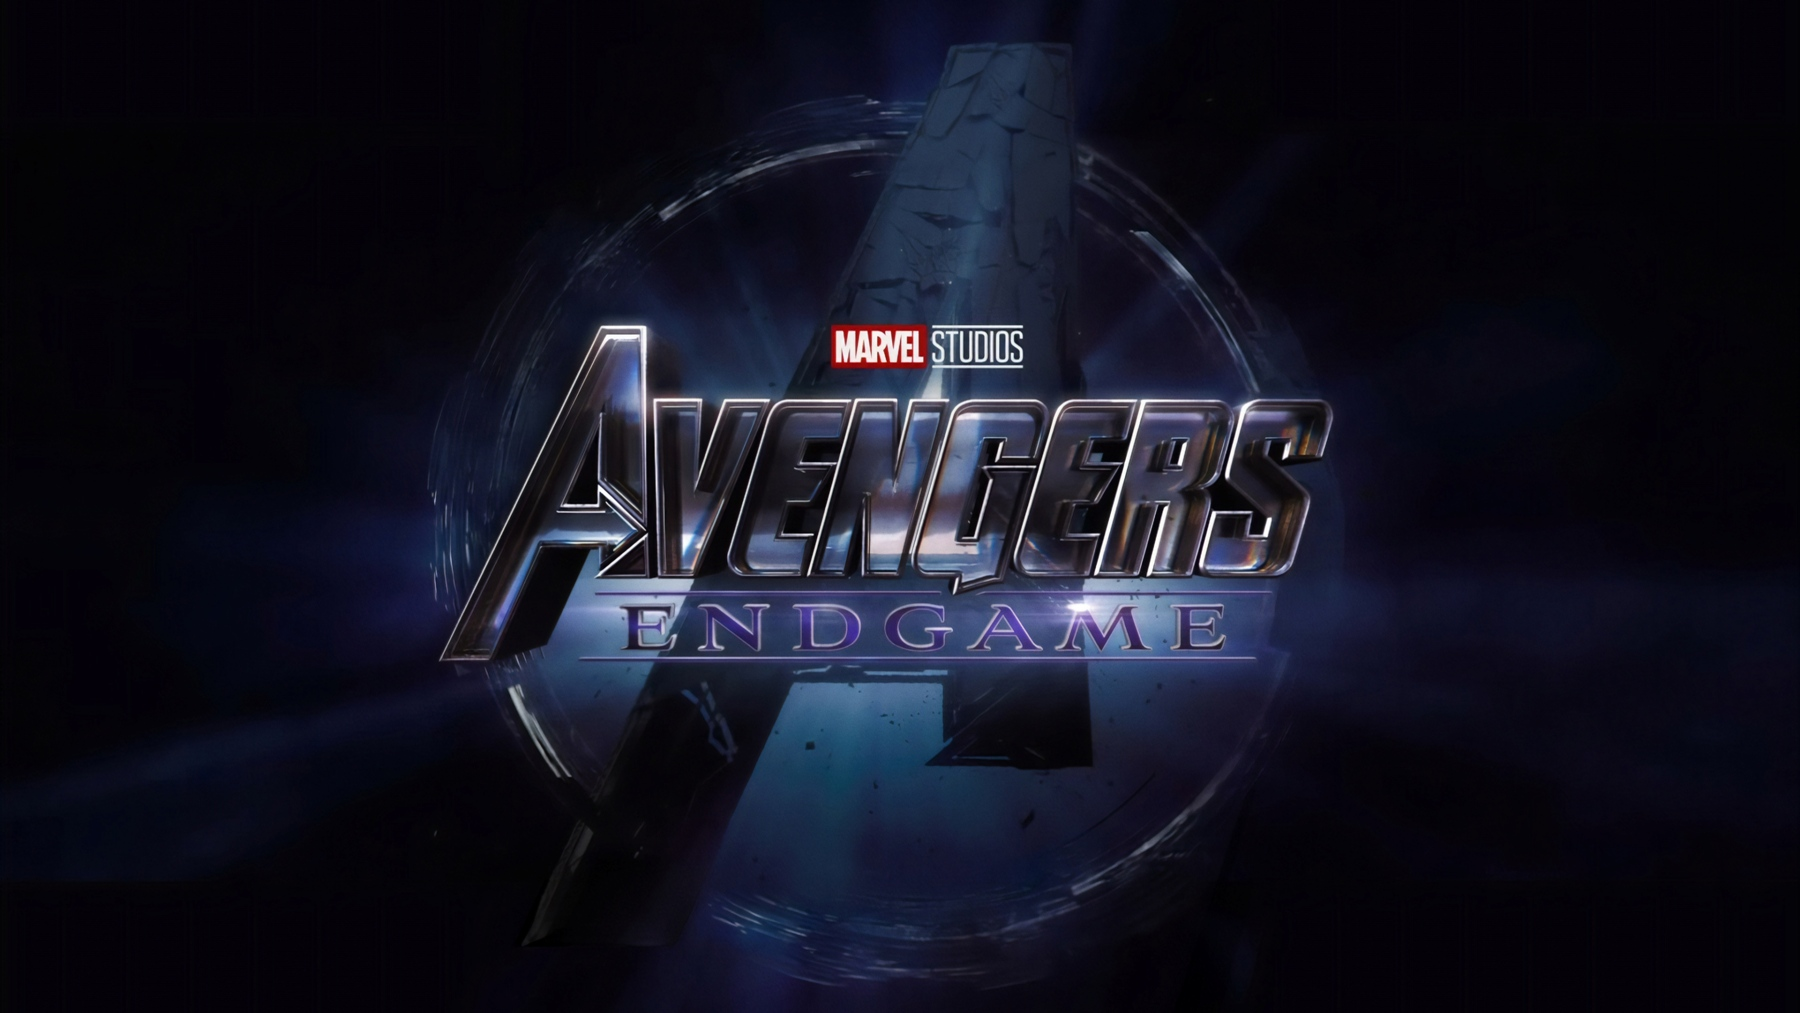 26 Avengers EndGame Captions for all the Marvel Fans!